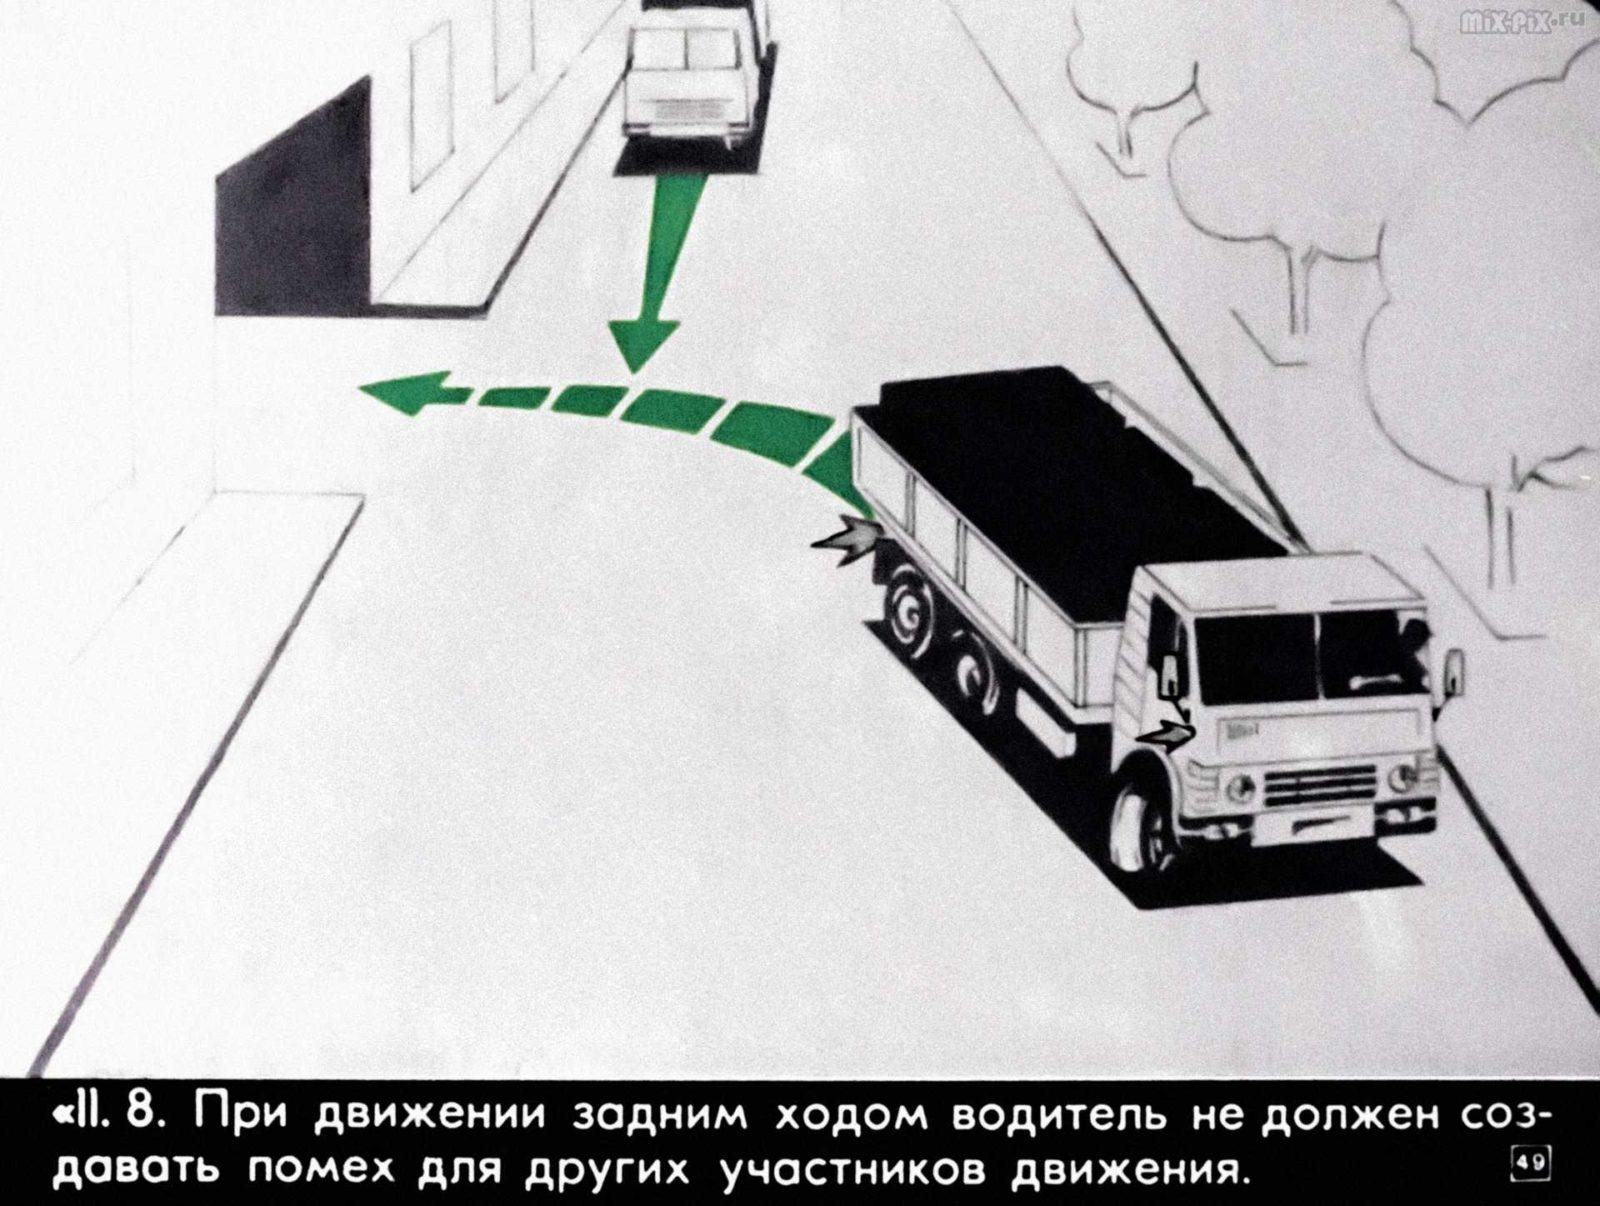 Правила дорожного движения. Расположение транспортных средств на проезжей части. Начало движения. Маневрирование (1983) 55